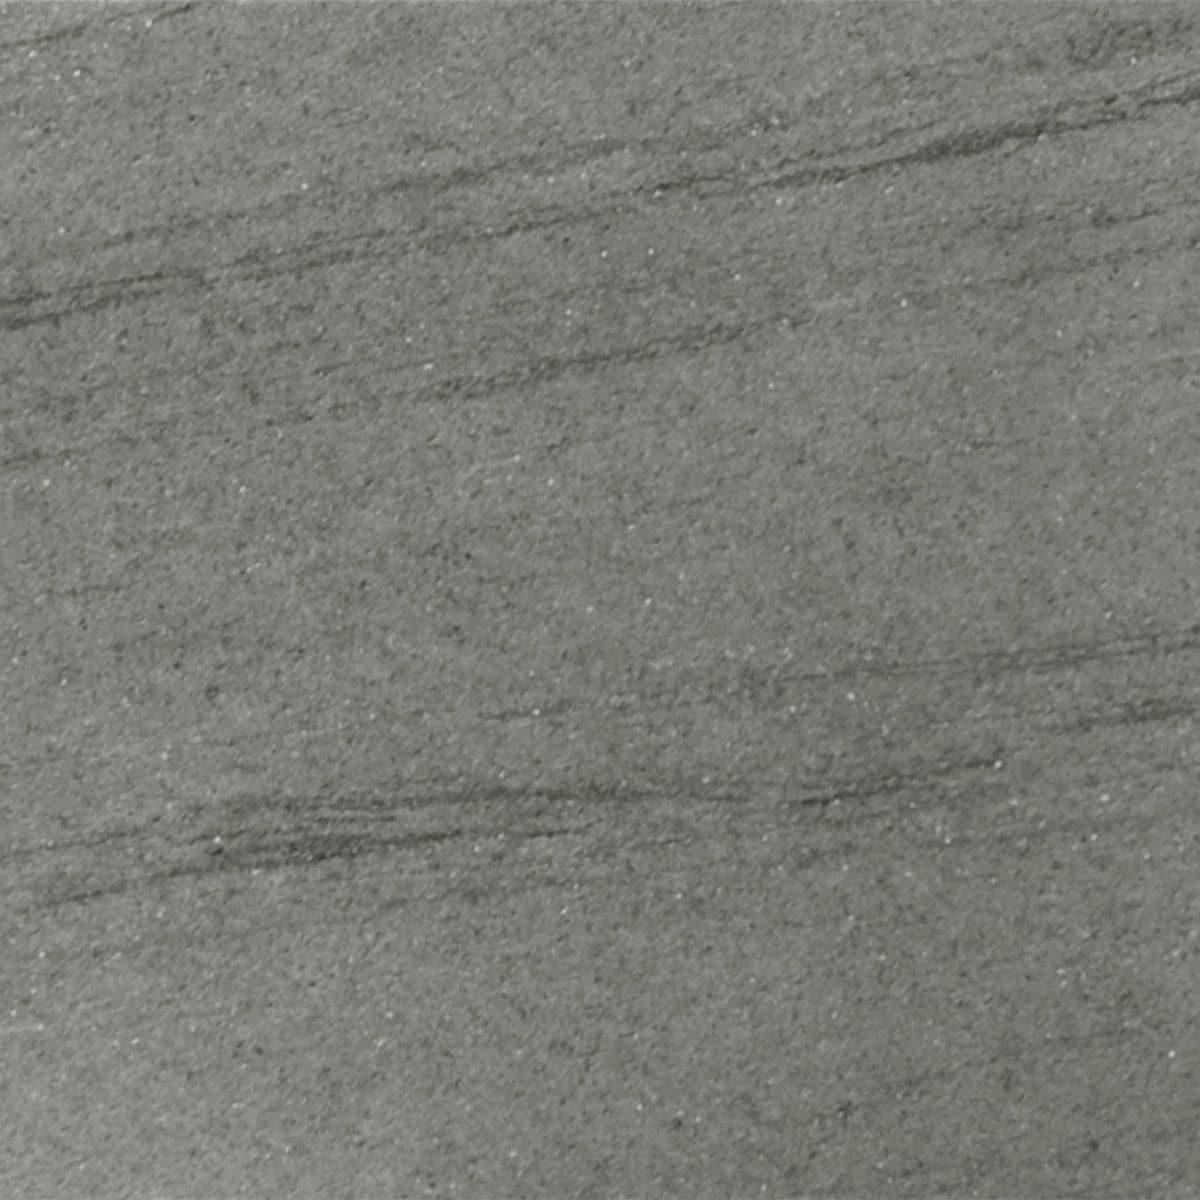 HF1798 Tiefengestein